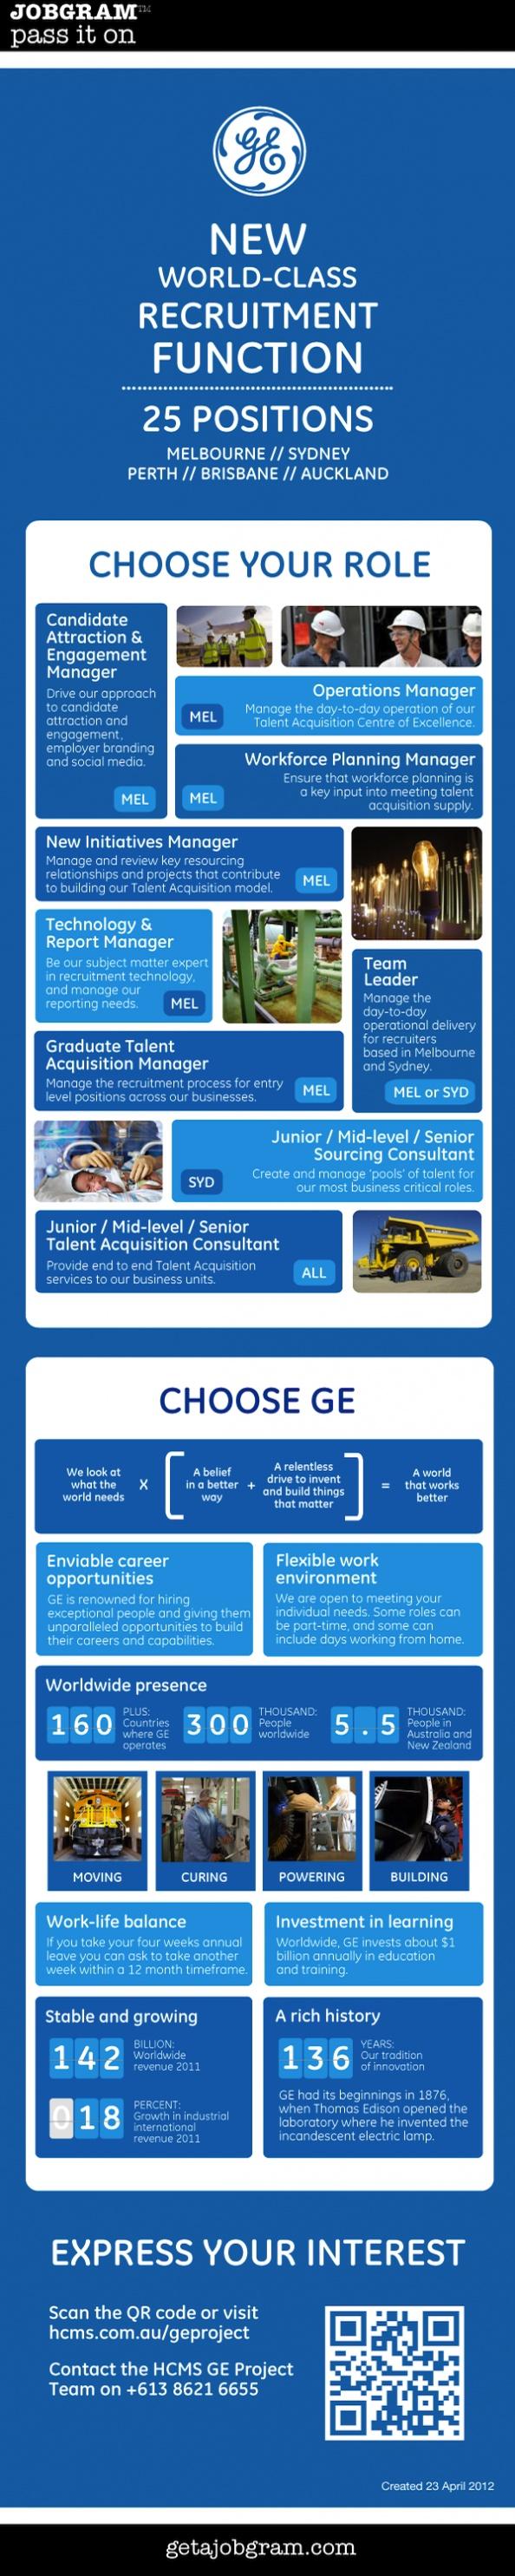 Jobgram - GE Infographic